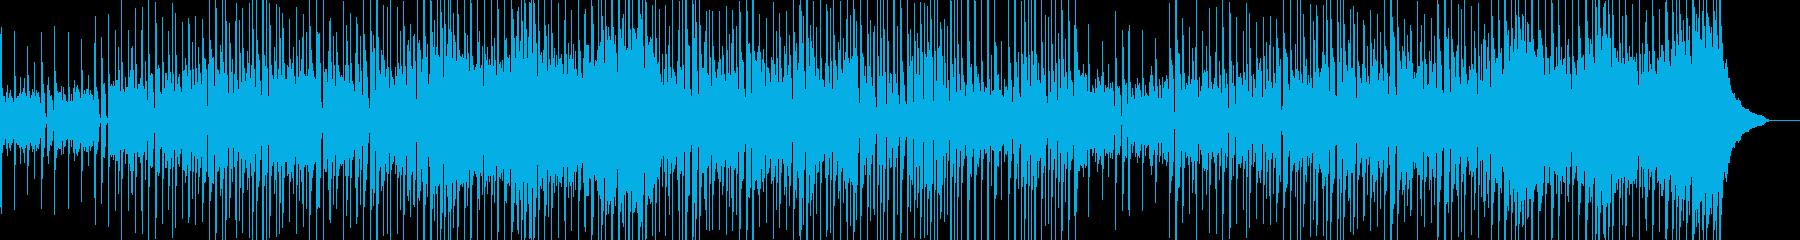 明るく楽しいシンプルなサウンドの再生済みの波形